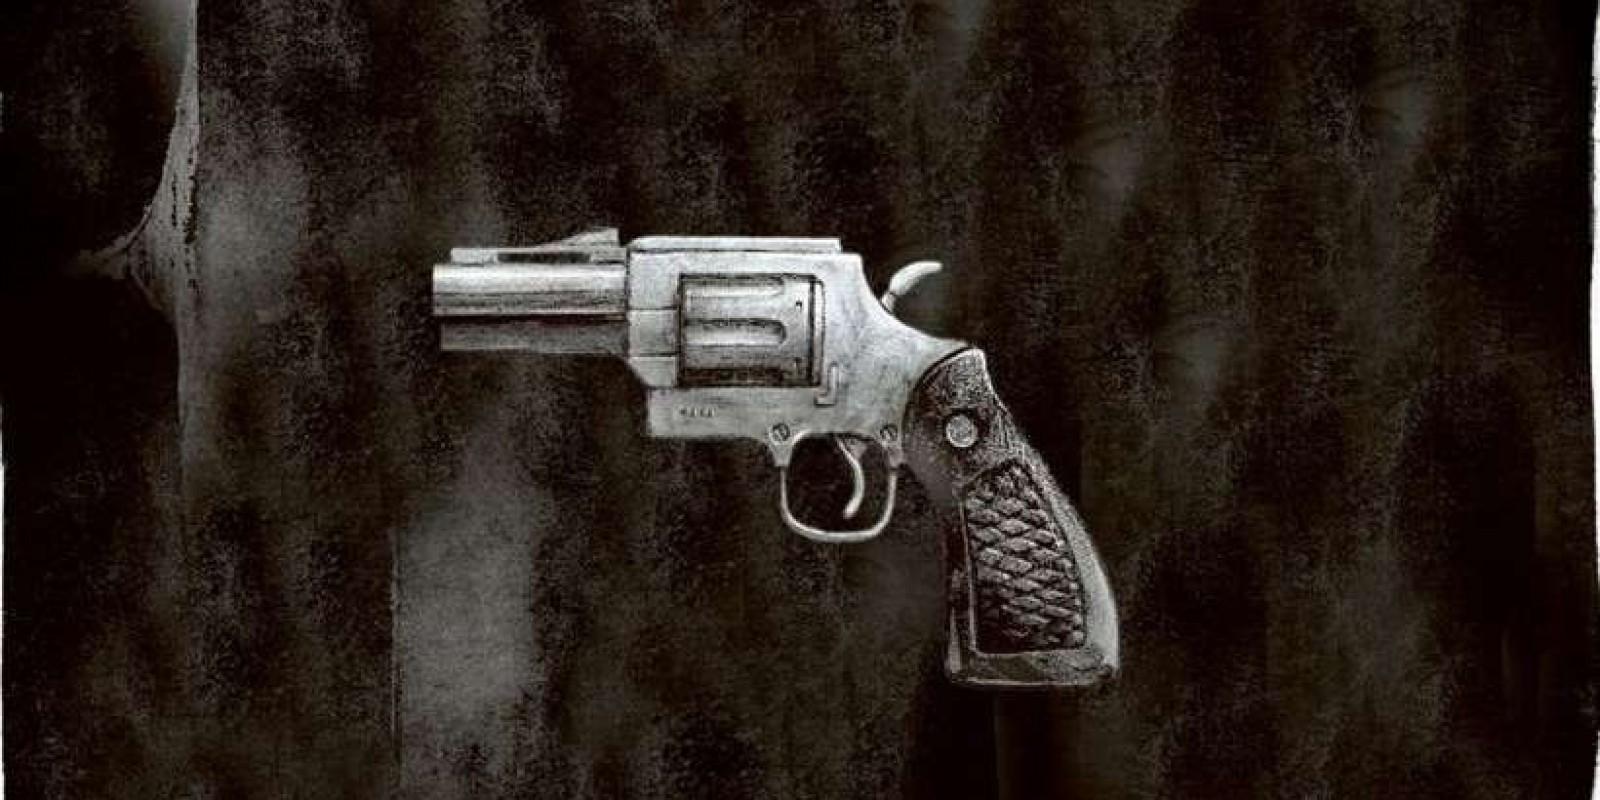 Decreto que flexibiliza posse de armas deve sair semana que vem